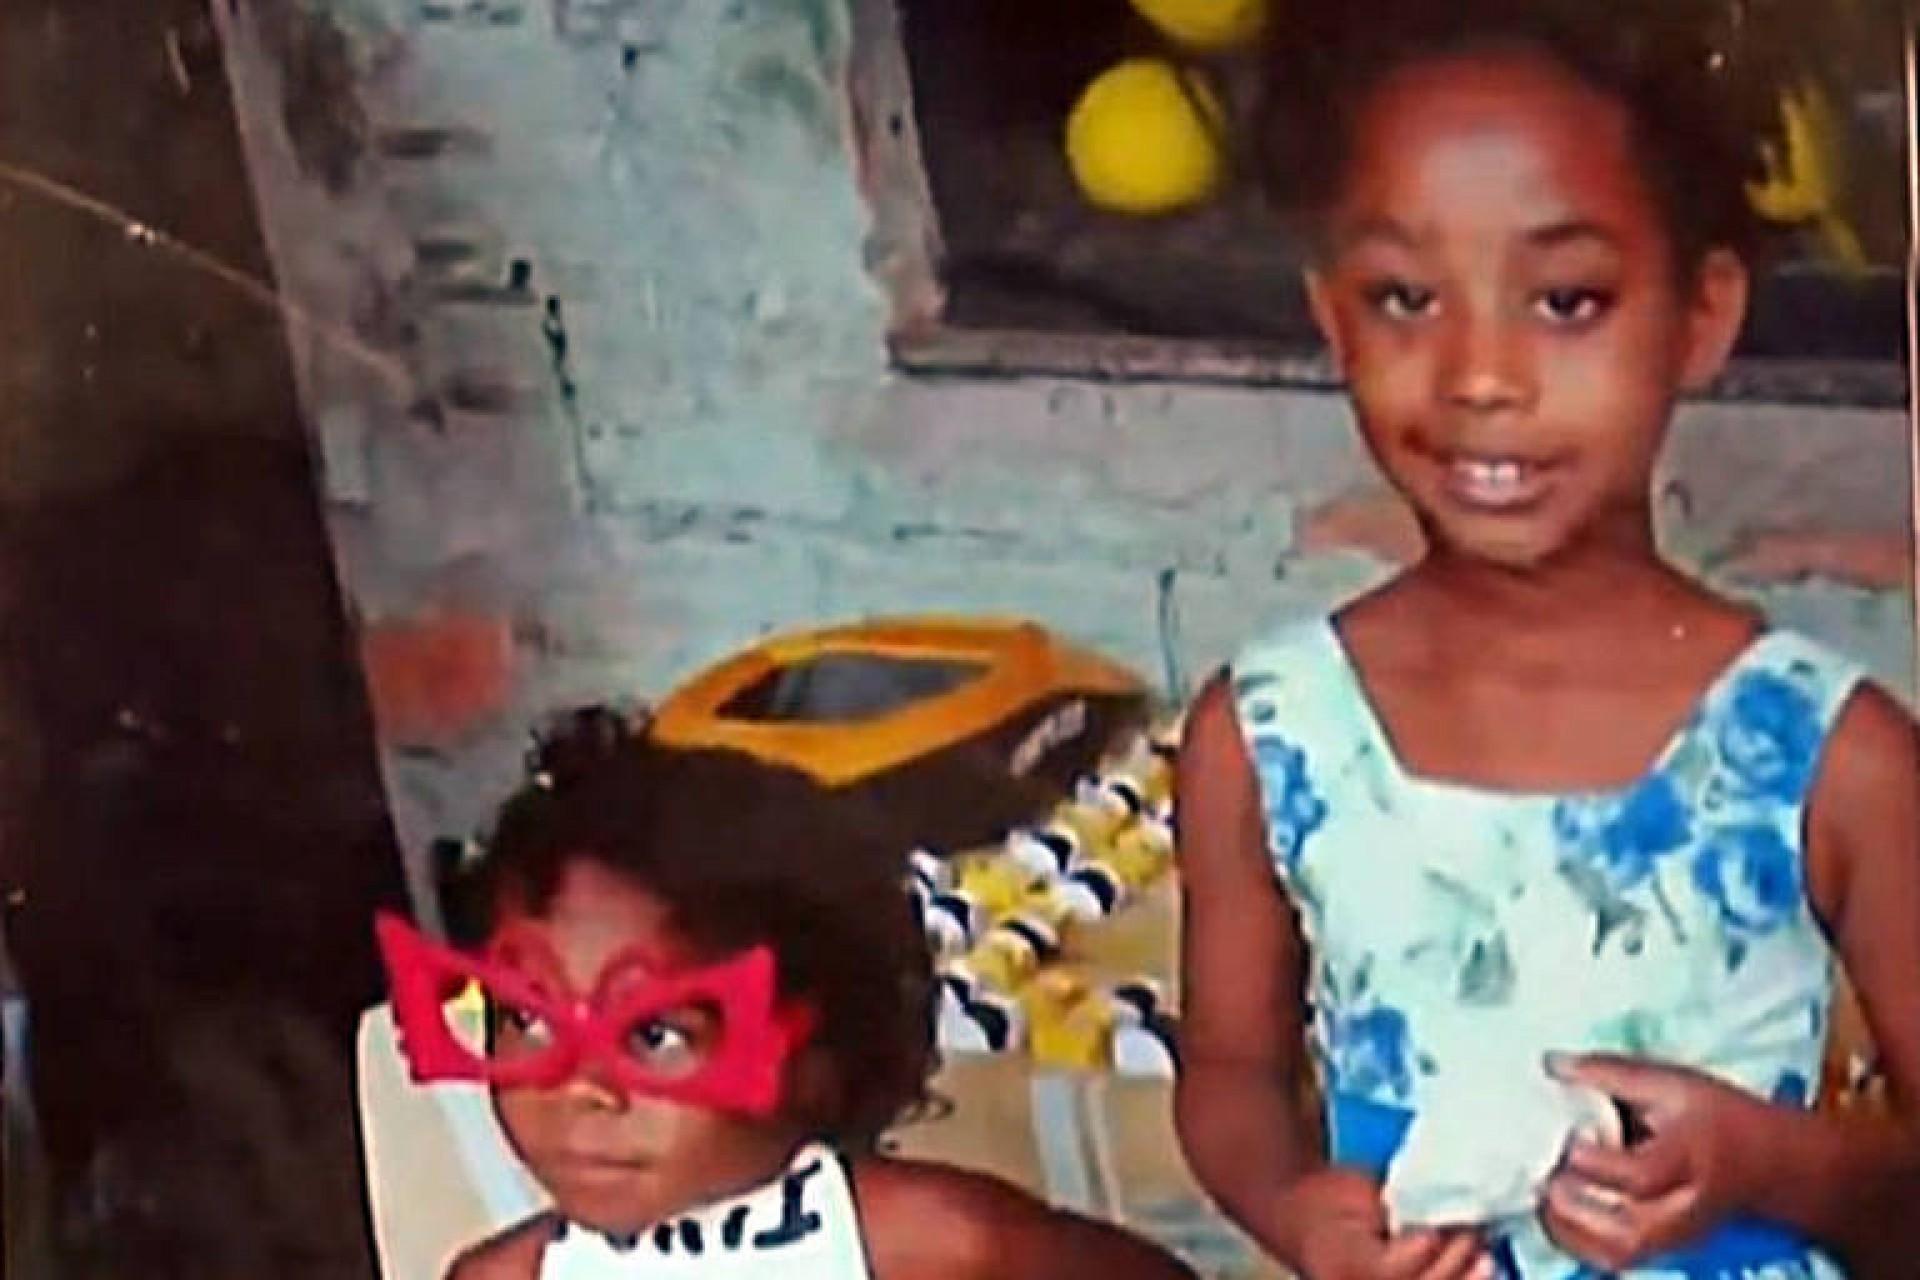 Segundo testemunhas, as crianças brincavam na frente de casa, na comunidade do Sapinho, em Duque de Caxias (RJ); Polícia Civil afirmou que abriu investigação sobre o caso